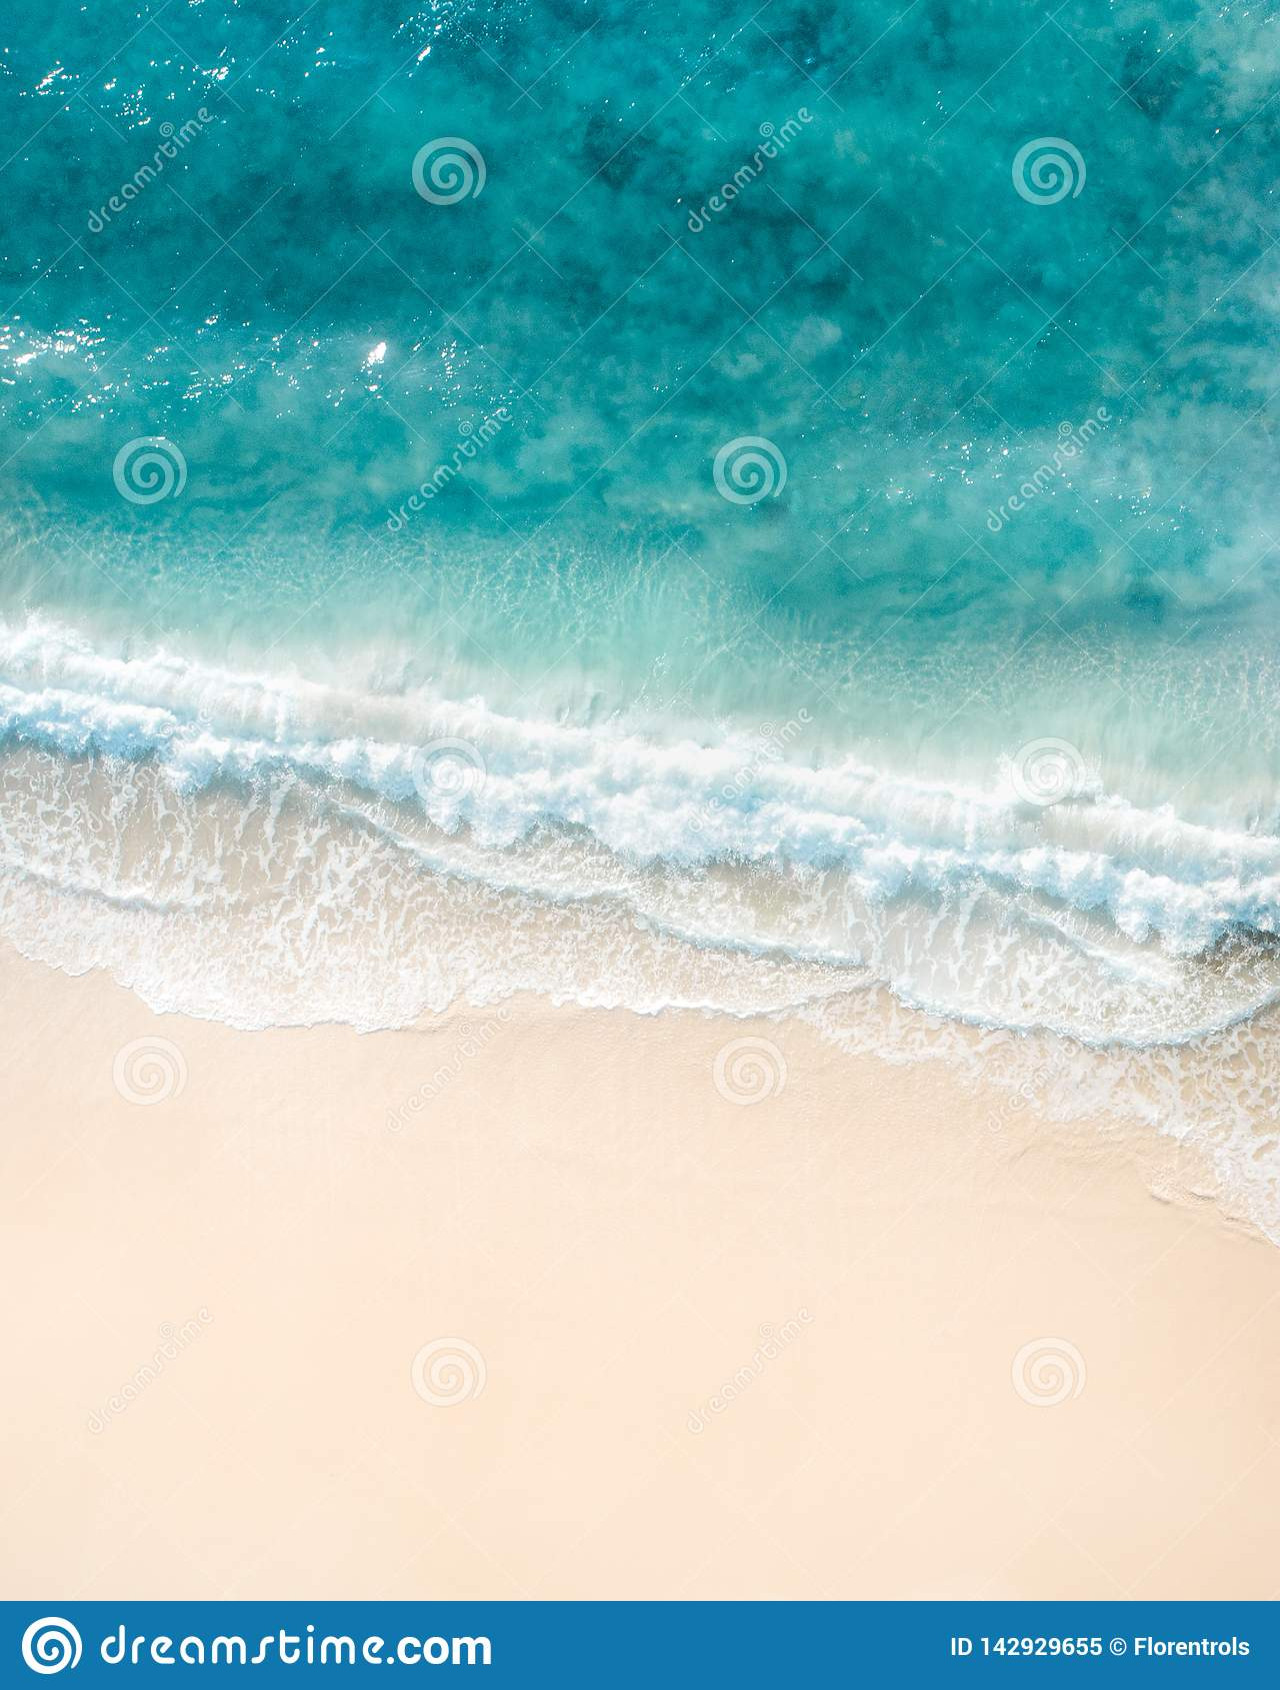 εναέρια όψη παραλιών Τοπ άποψη της Νίκαιας του μπλε ωκεάνιου, συντρίβοντας κύματος και της άσπρης άμμου